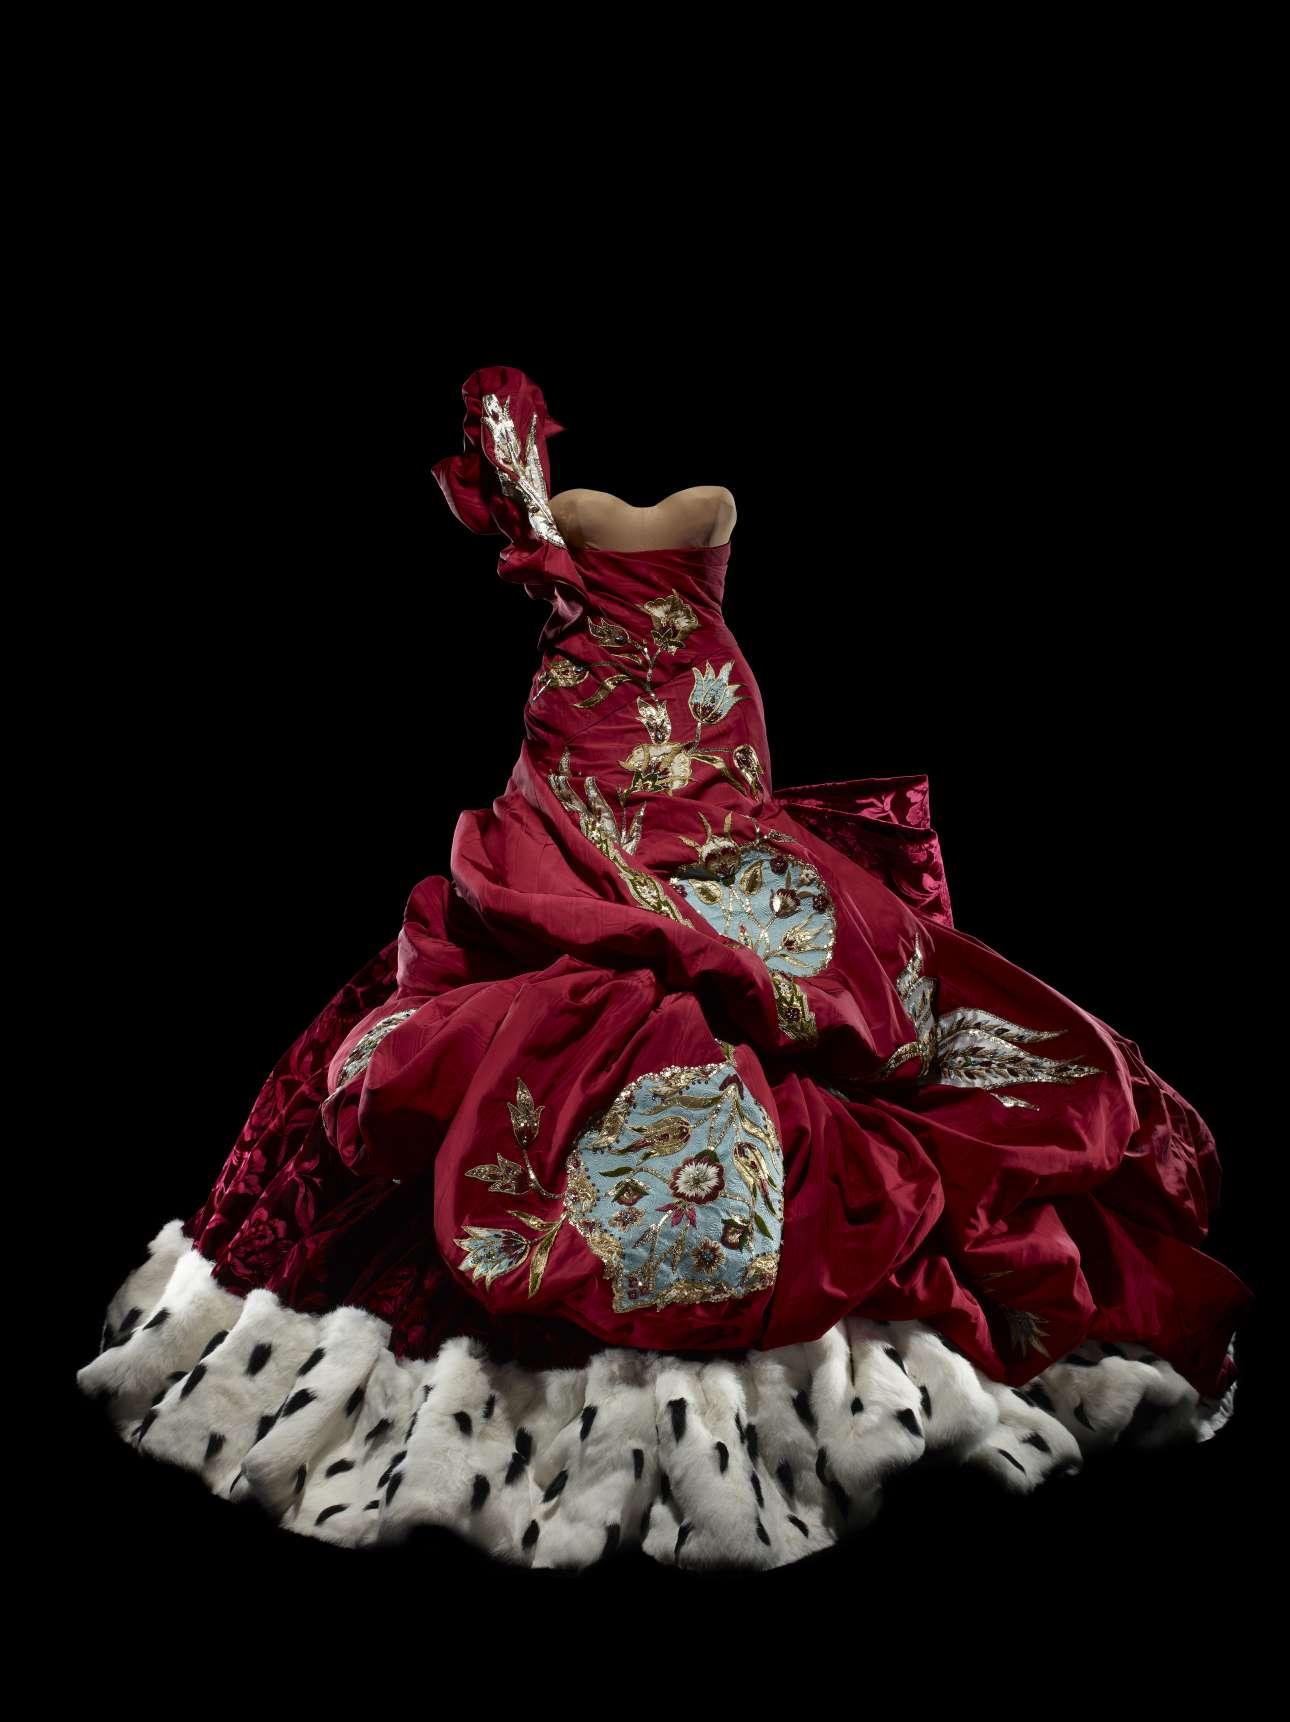 Ενα αριστουργηματικό φόρεμα - δημιουργία του εμβληματικού σχεδιαστή του οίκου Dior Τζον Γκαλιάνο, για τη συλλογή του 2004